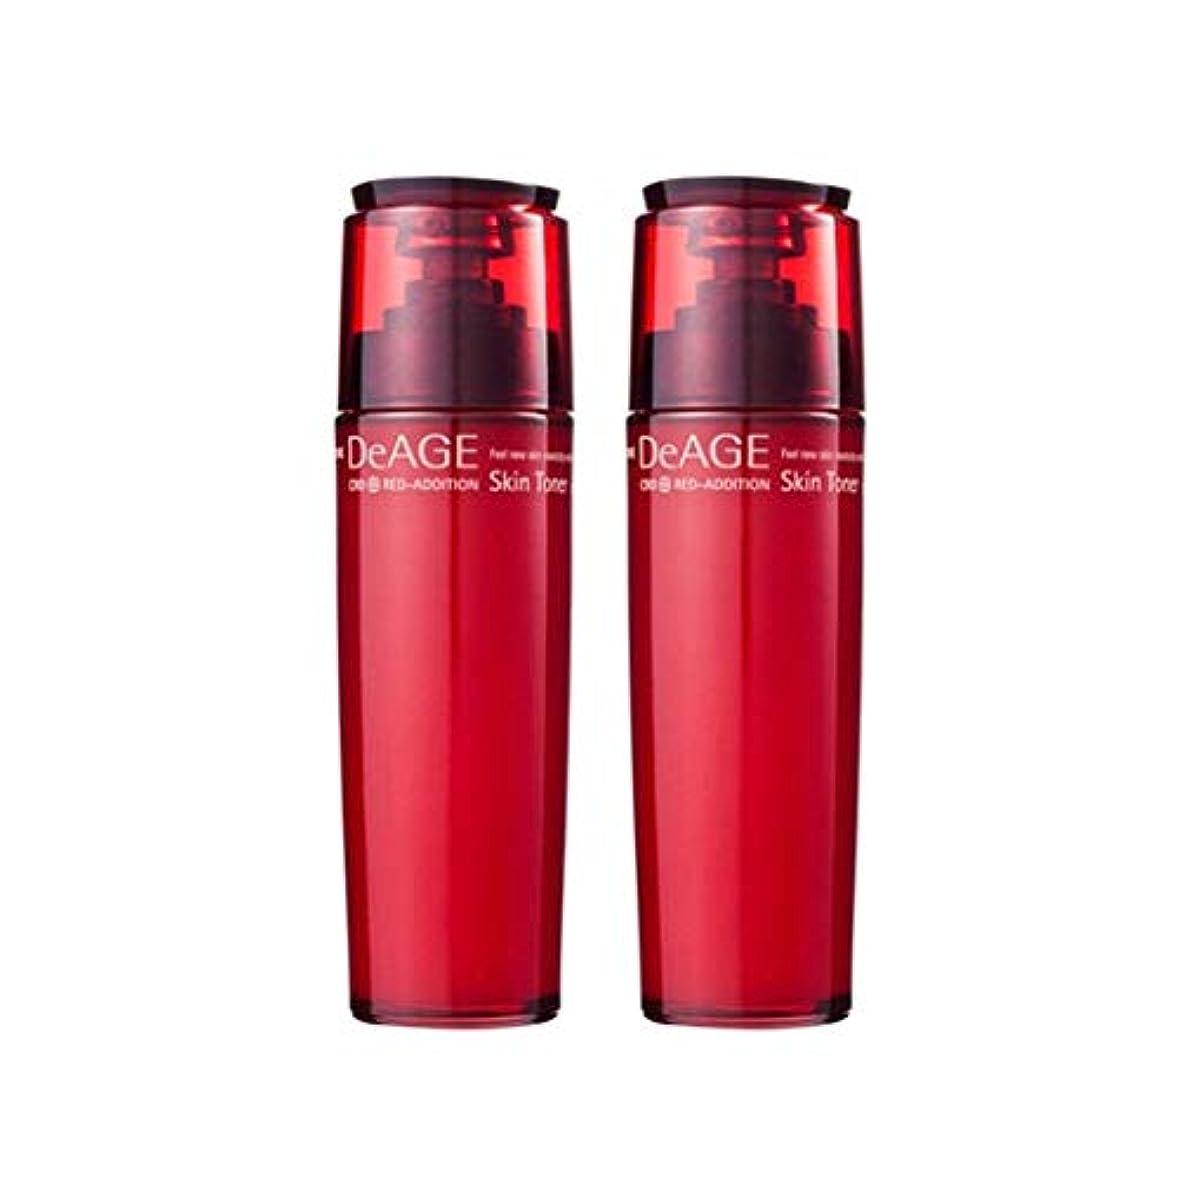 雄弁な不道徳熱心チャムジョンディエイジレッドエディションスキントナー130ml x 2、Charmzone DeAGE Red-Addition Skin Toner 130ml x 2 [並行輸入品]